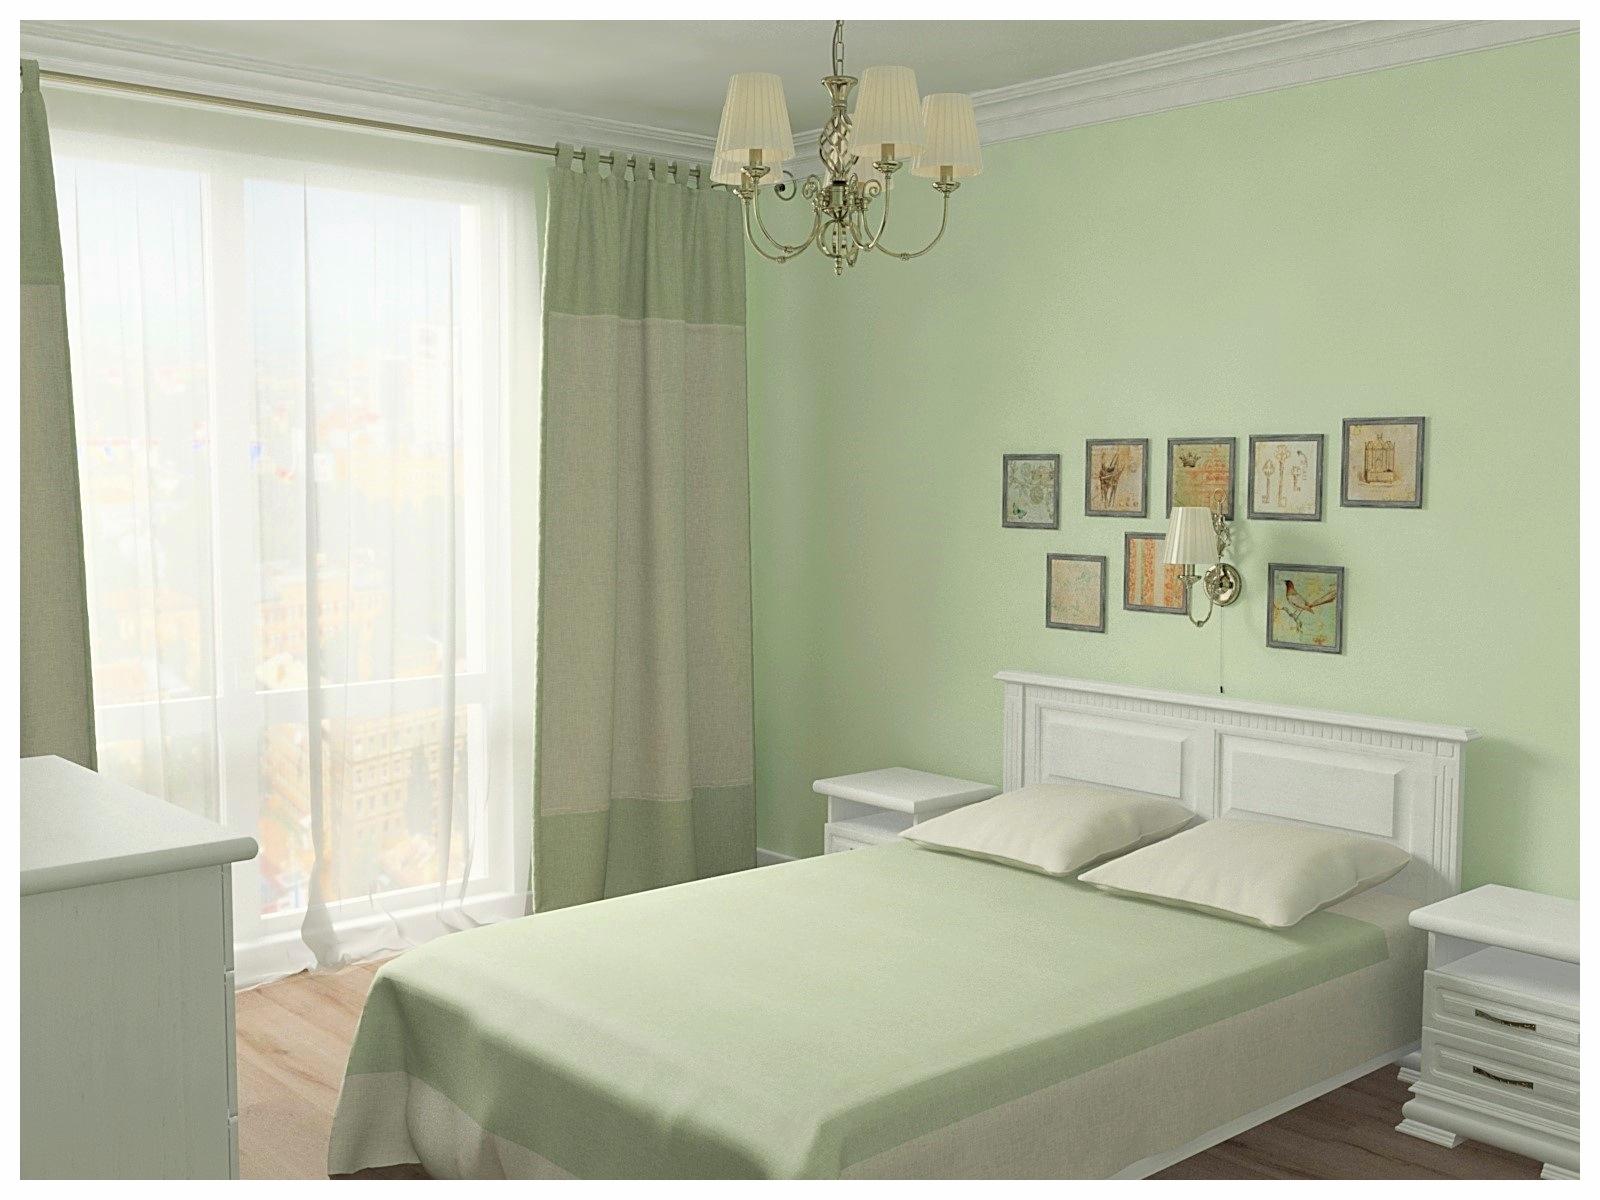 Дизайн интерьеров двухкомнатной квартиры. Спальня 3.